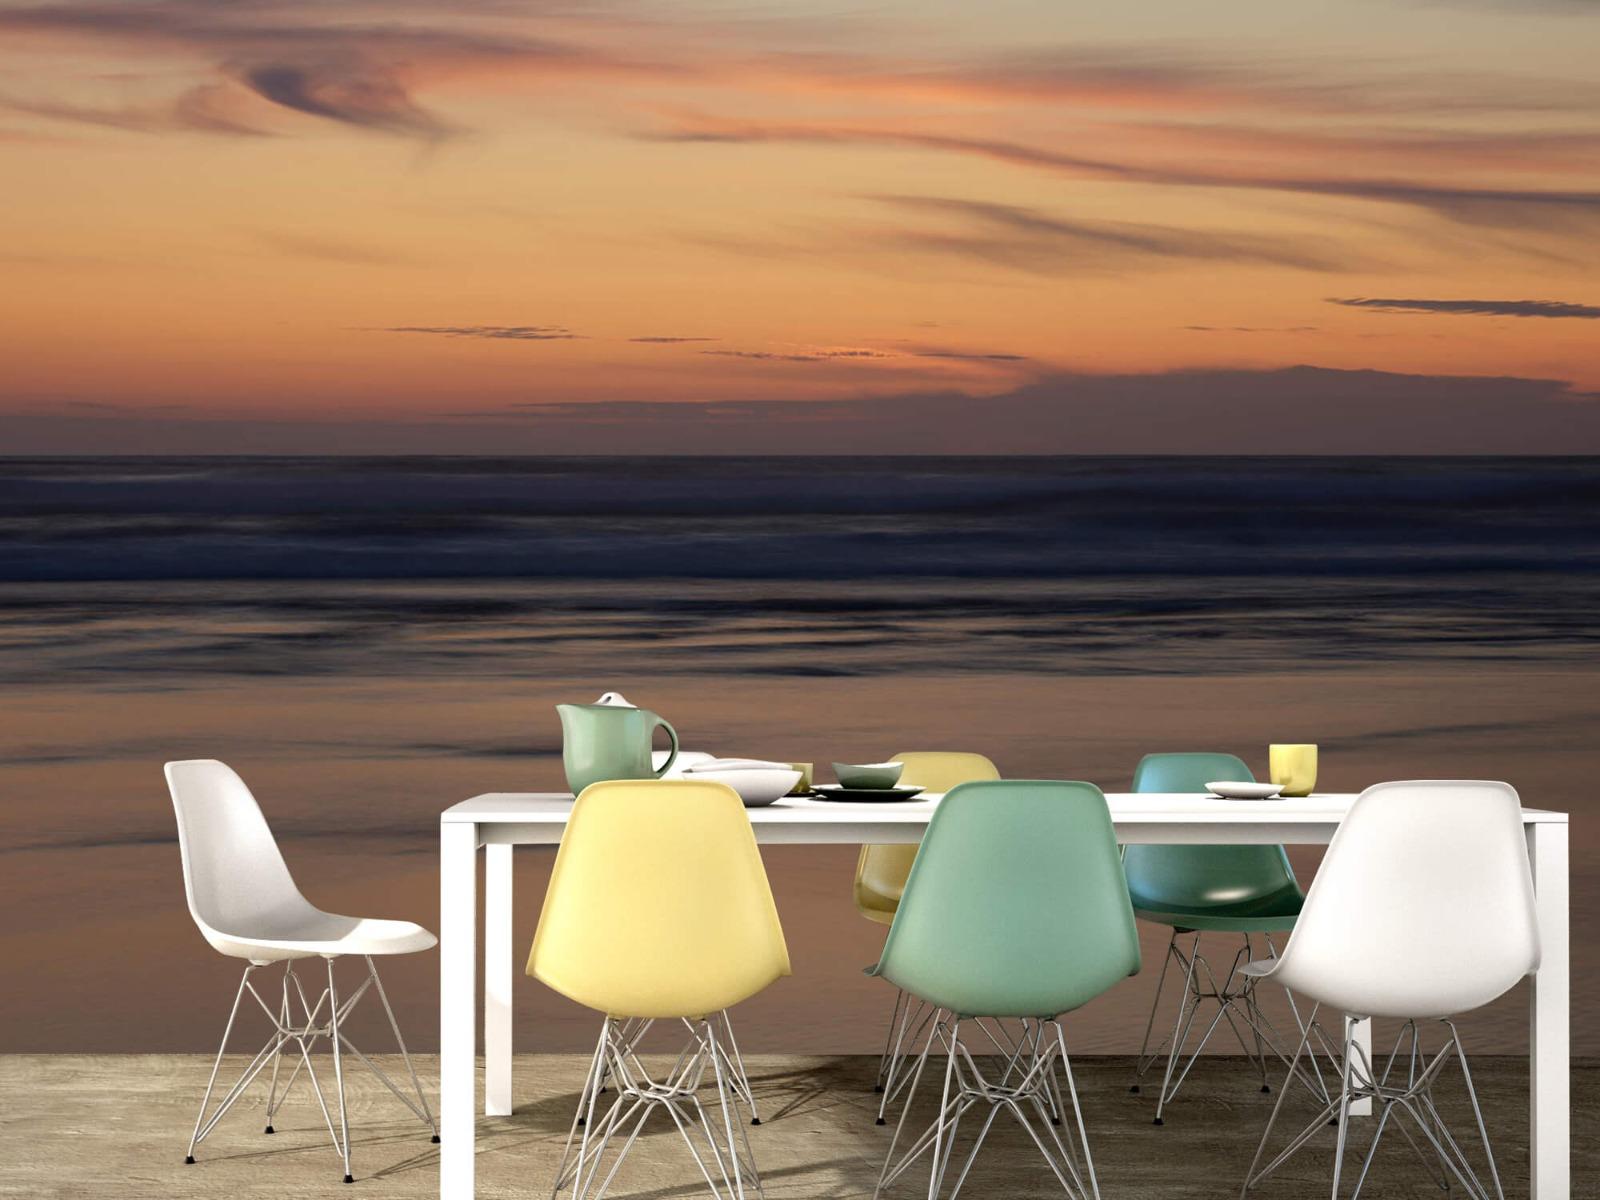 Zeeën en Oceanen - Zonsondergang aan de kust - Slaapkamer 15